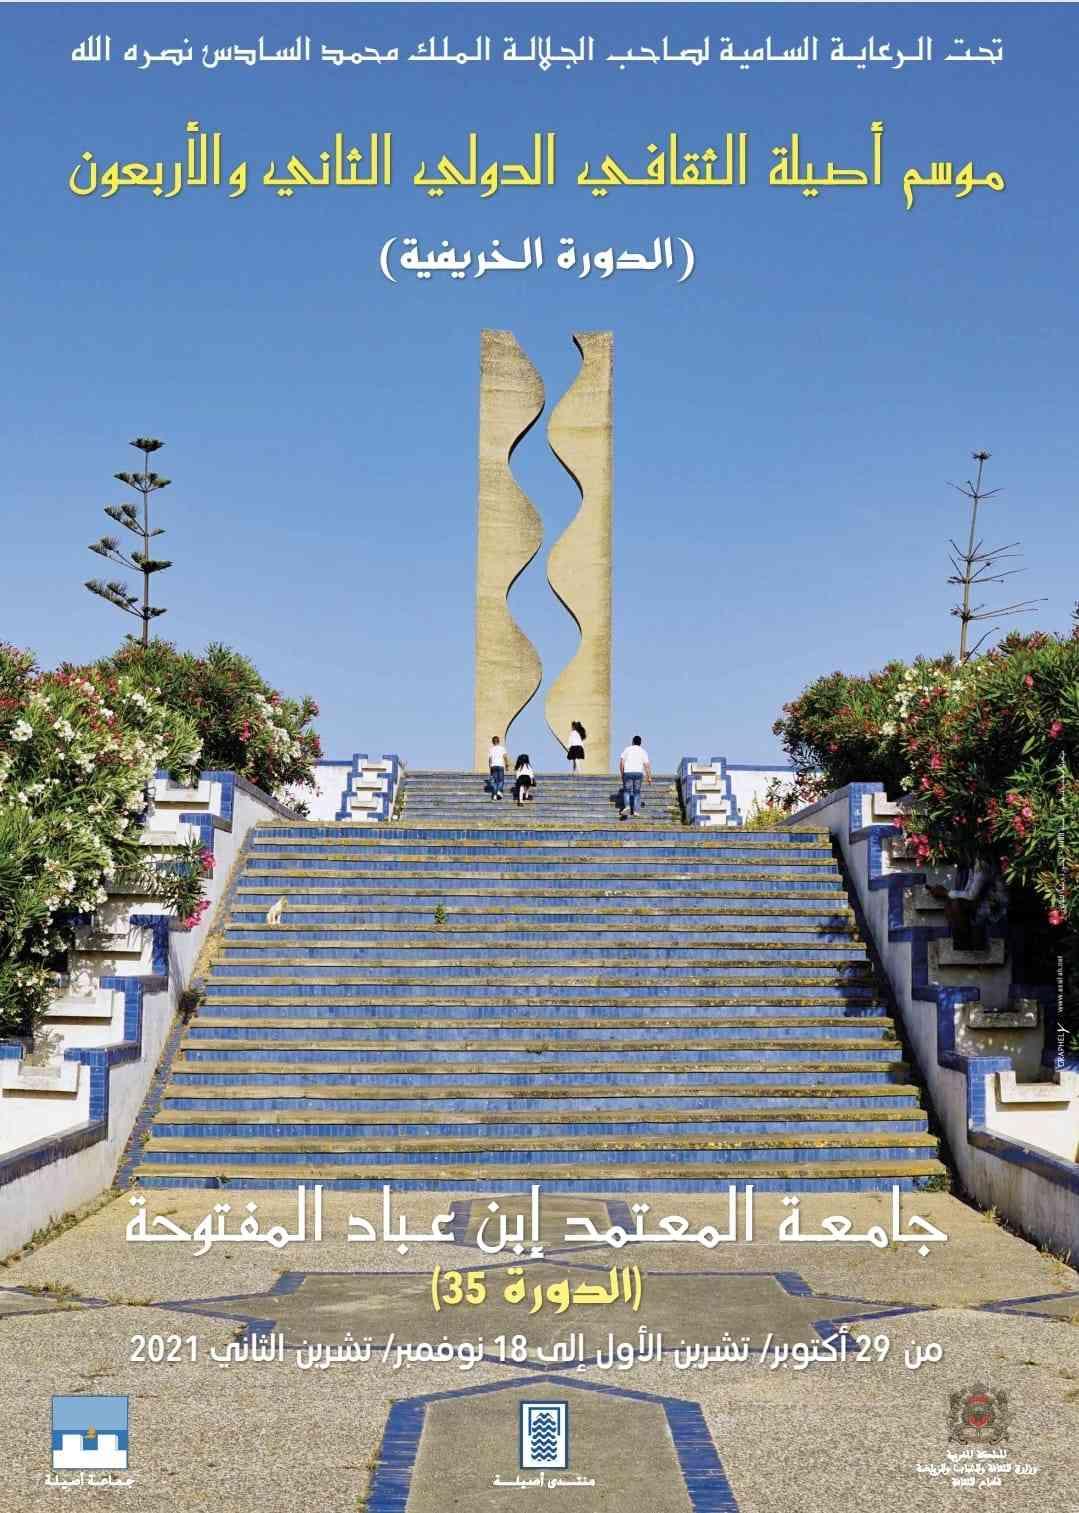 موسم أصيلة الثقافي الدولي الـ 42 ينظم ندوة بعنوان رؤية الشيخ زايد القائد المتبصر